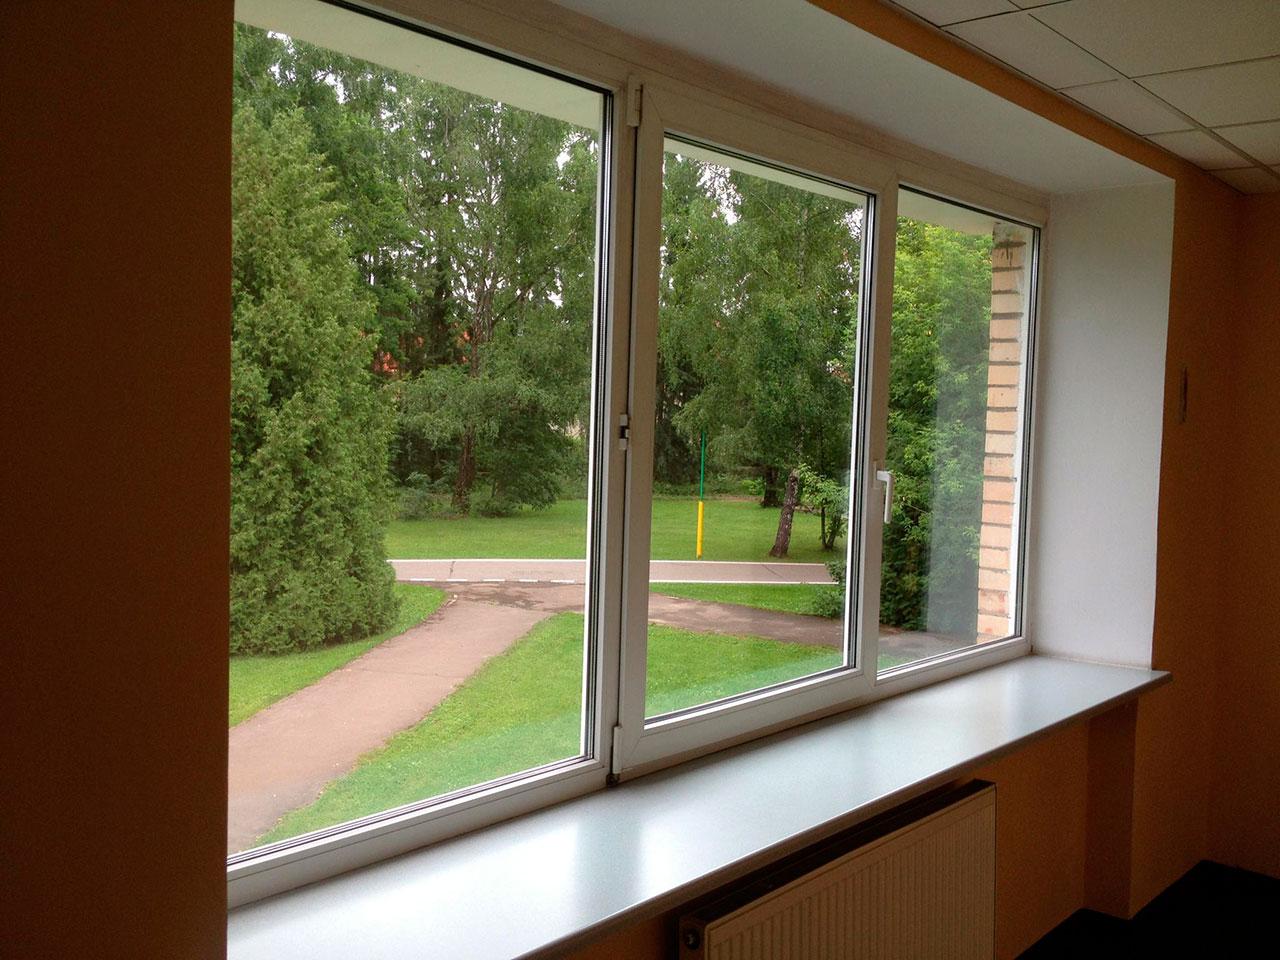 Ce avantaje trebuie sa-ti ofere ferestrele de calitate